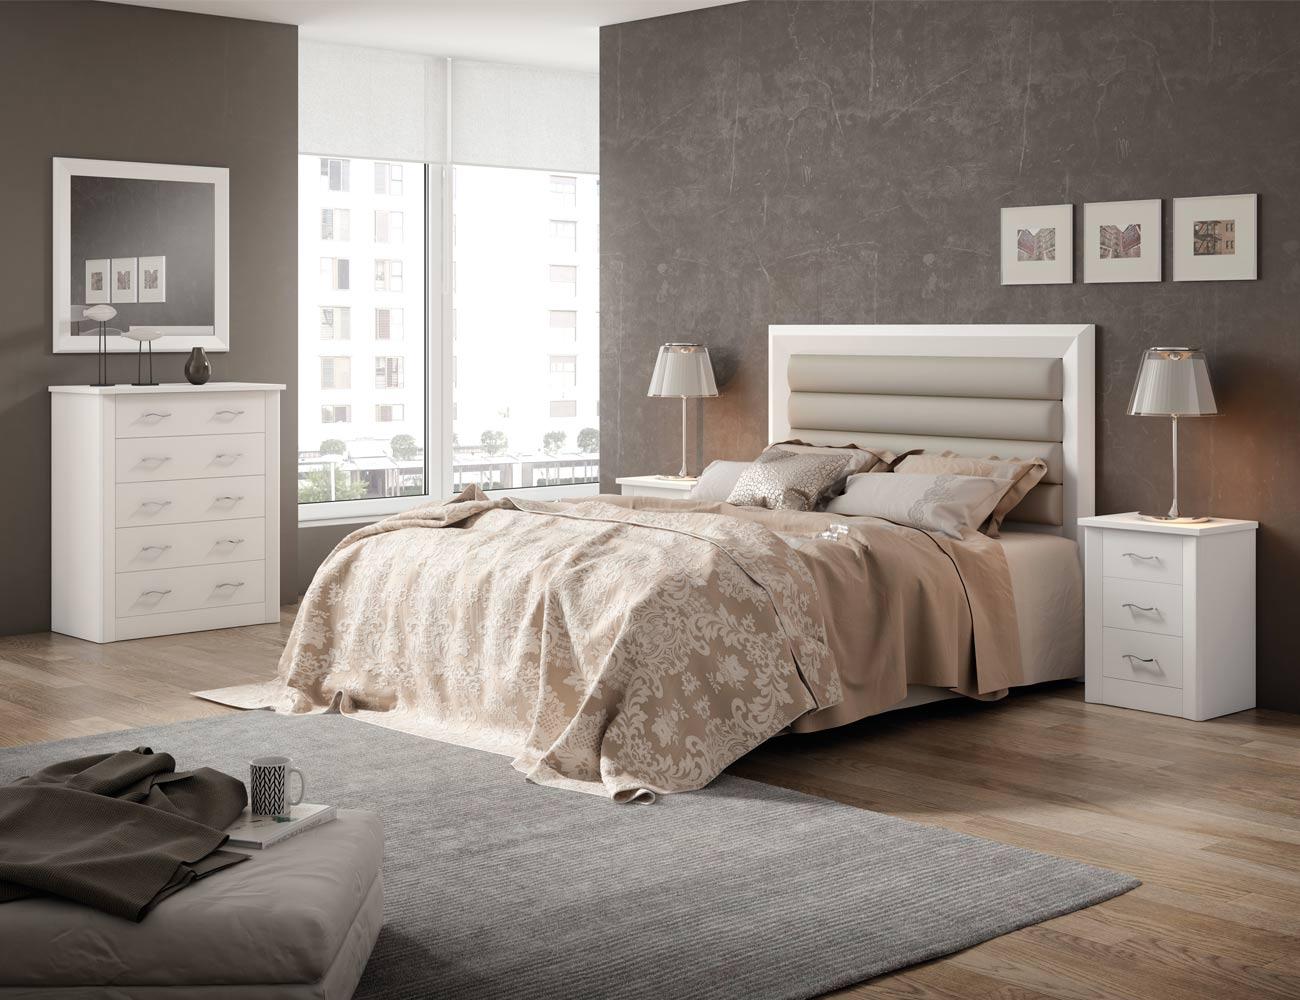 Dormitorio de matrimonio en madera con cabecero tapizado for Muebles blancos dormitorio matrimonio